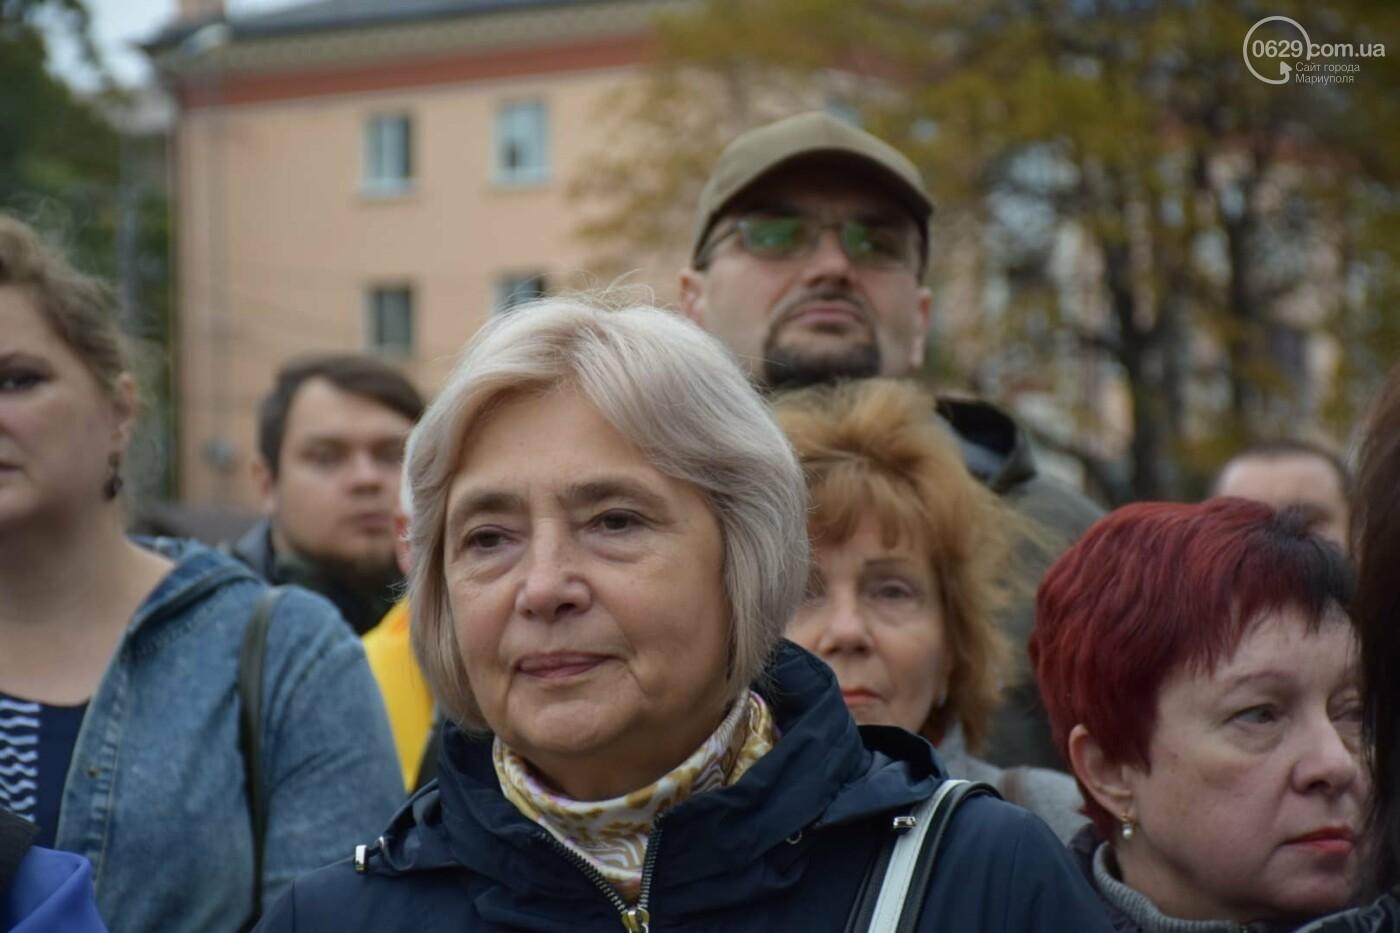 #НiКапітуляції. В Мариуполе прошел митинг против формулы Штайнмайера, - ФОТОРЕПОРТАЖ, фото-4